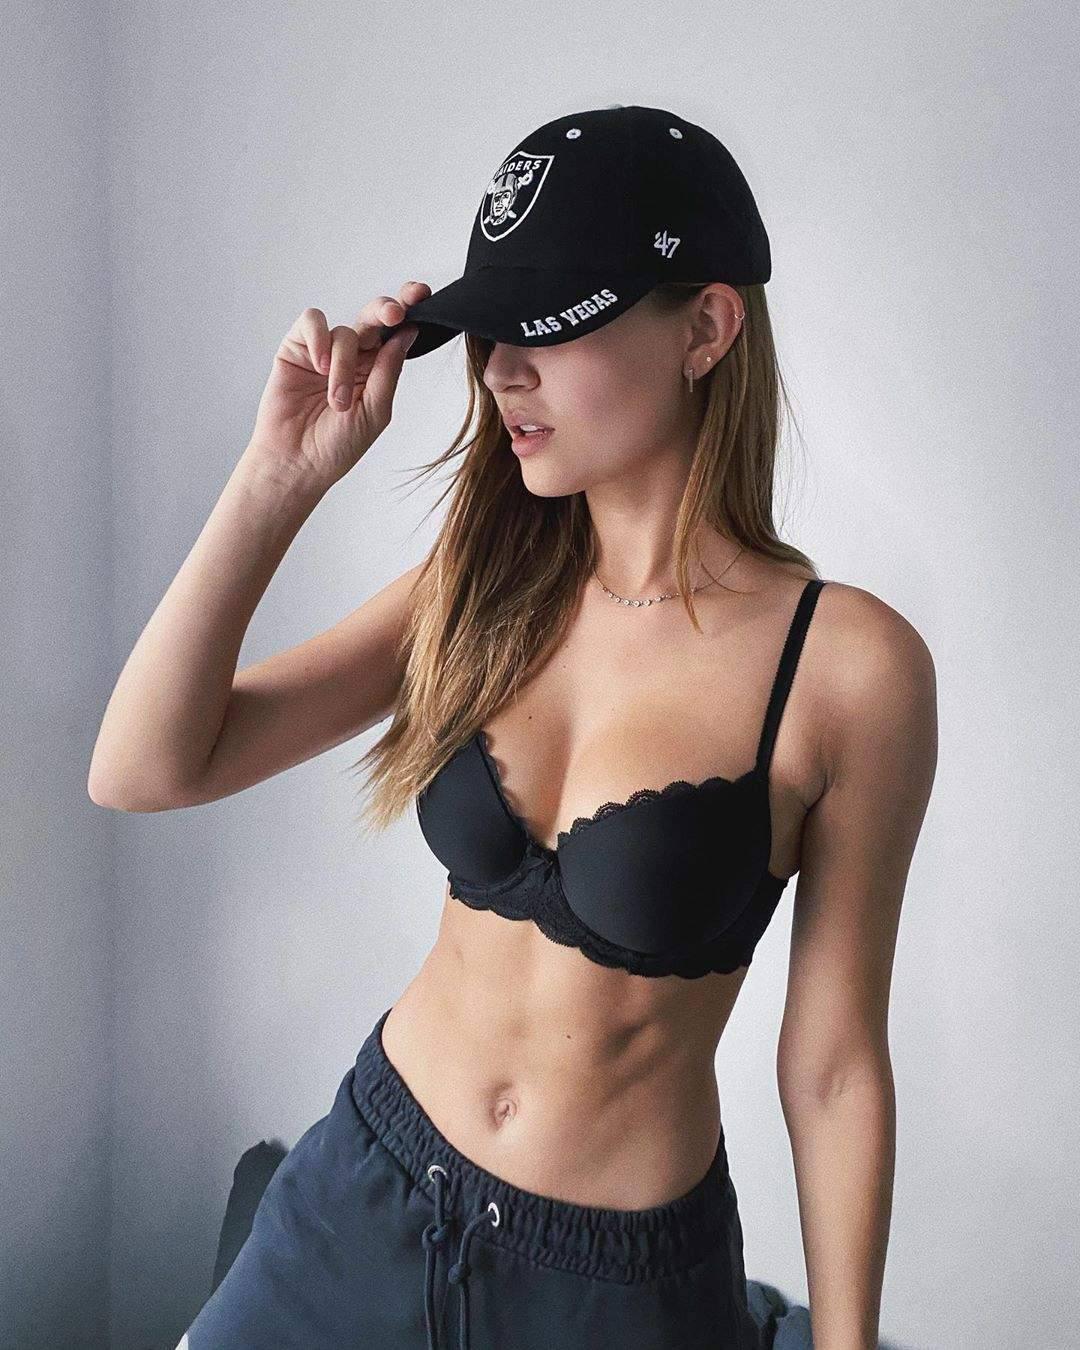 Jospephine Skriver In Black Bra